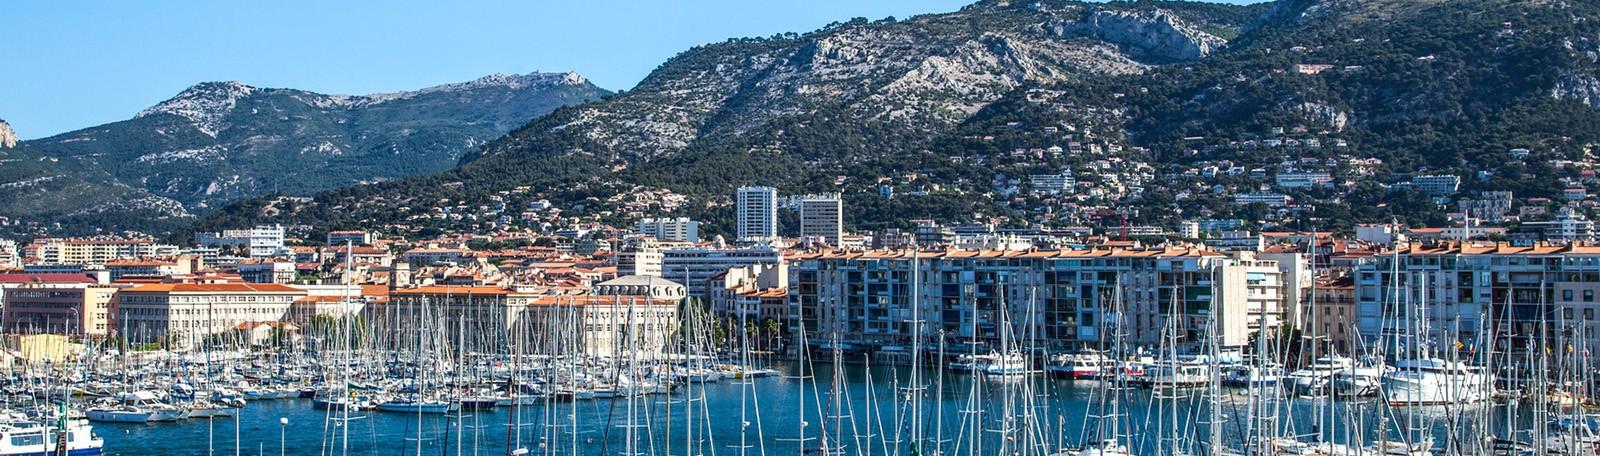 Stationner à Toulon Peiresc Marché